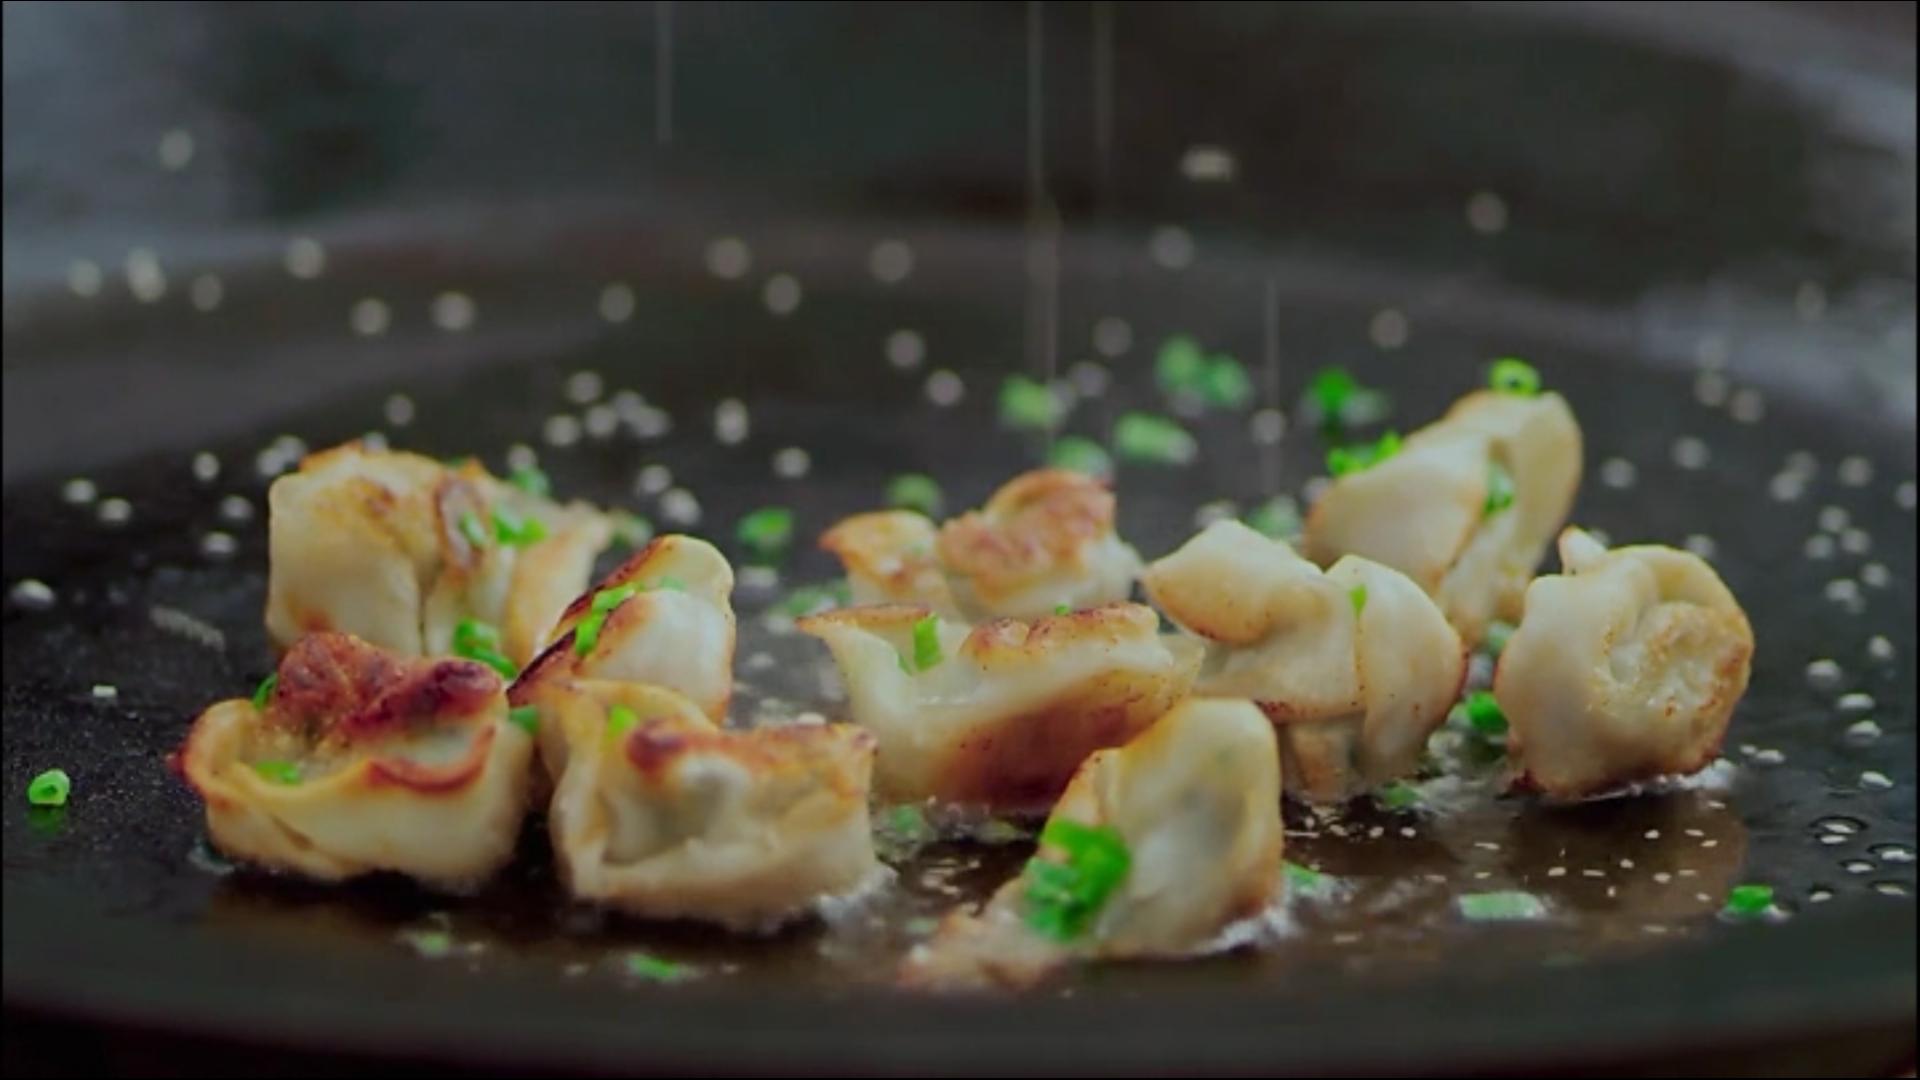 影视剧中那些让你流口水的场景,原来是这些神仙美食